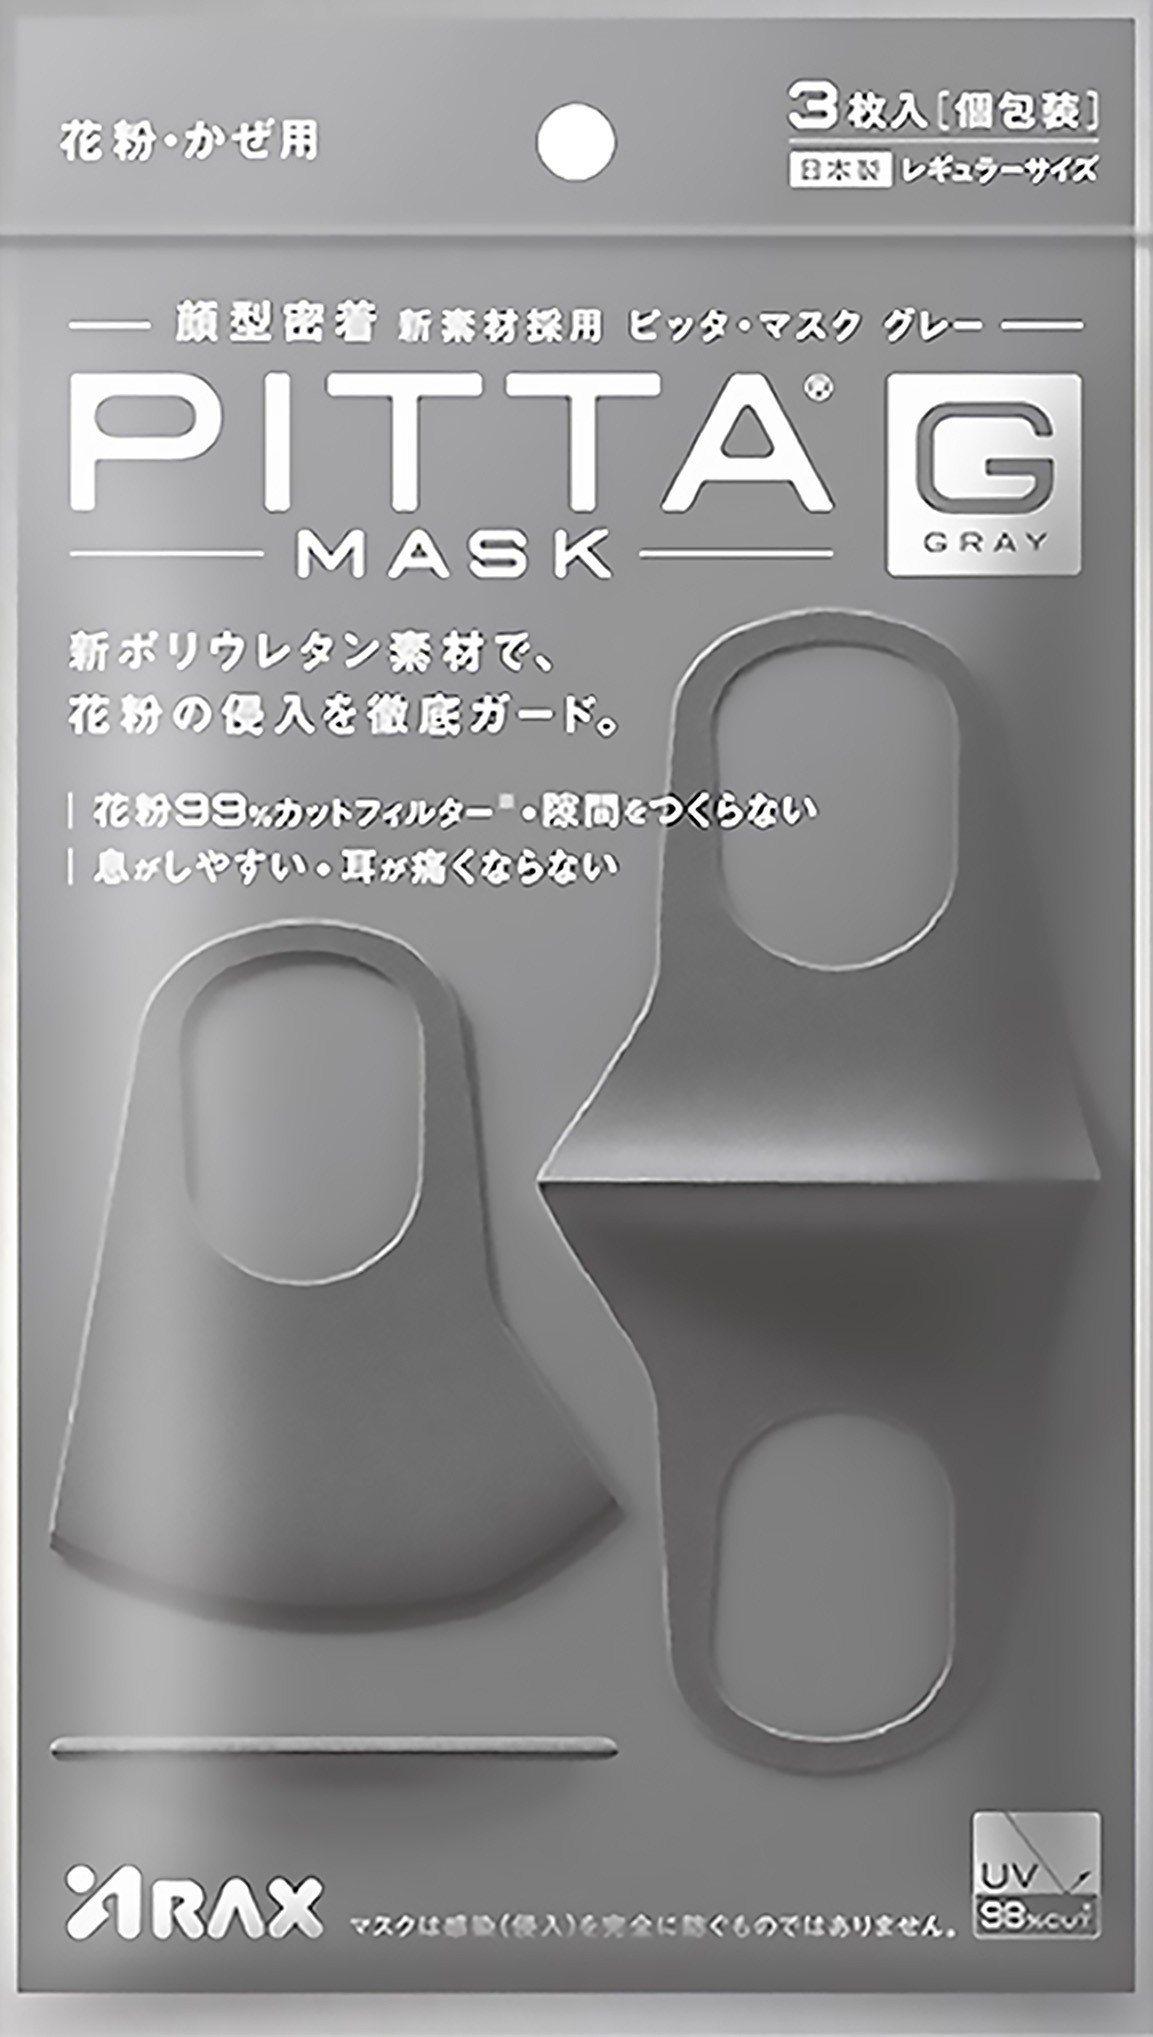 外國旅客最愛買生活用品類TOP 2:PITTA高密合可水洗口罩(灰黑),3入售價...